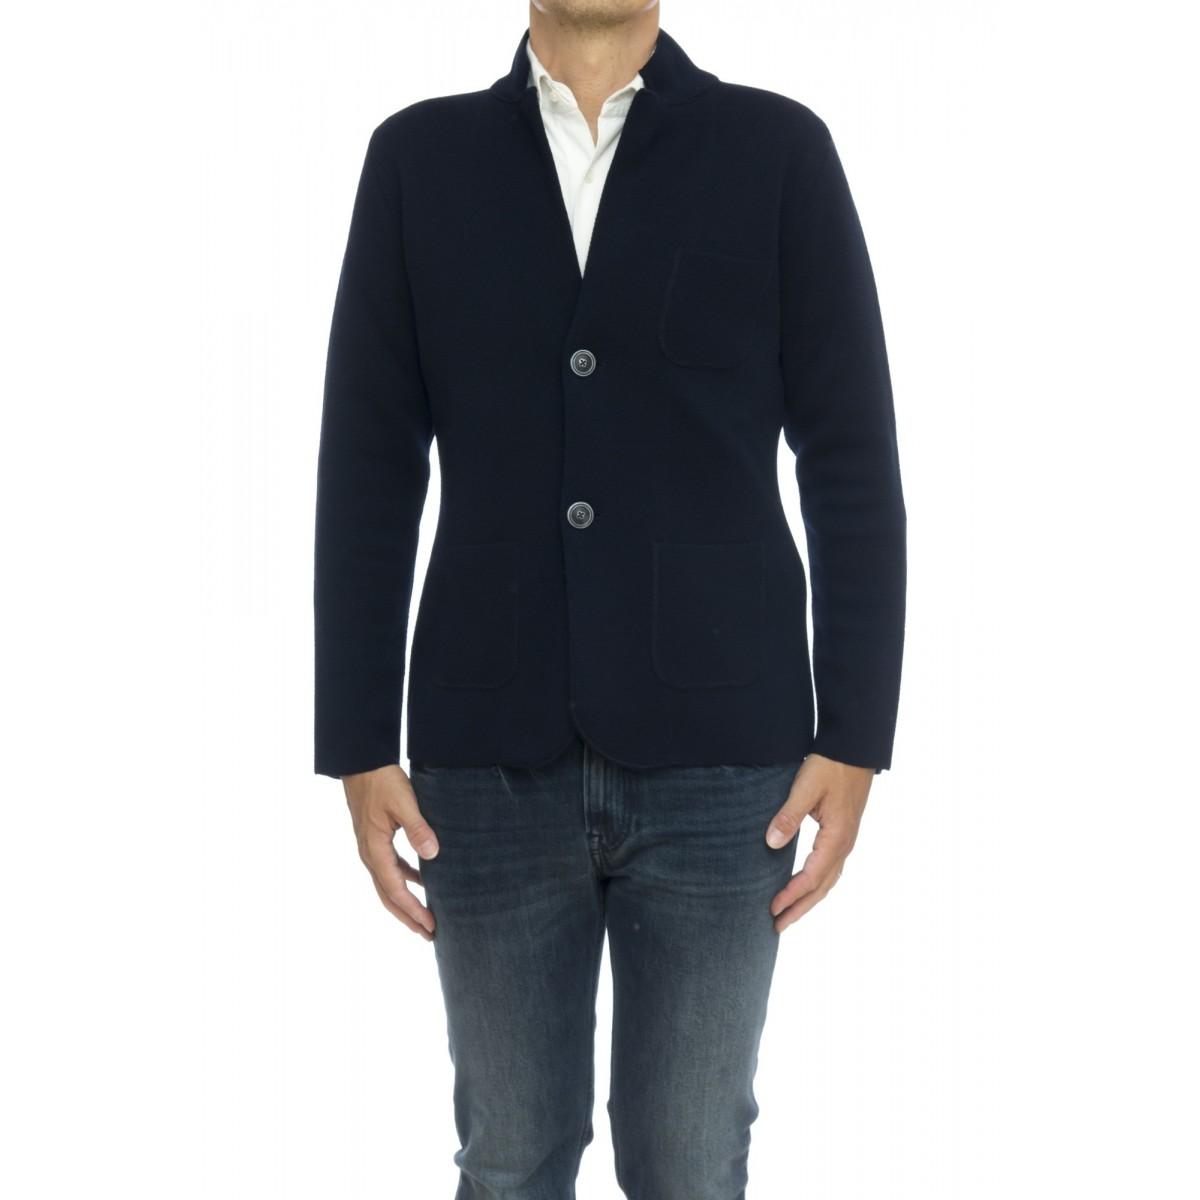 Jacket Man - 7054/A